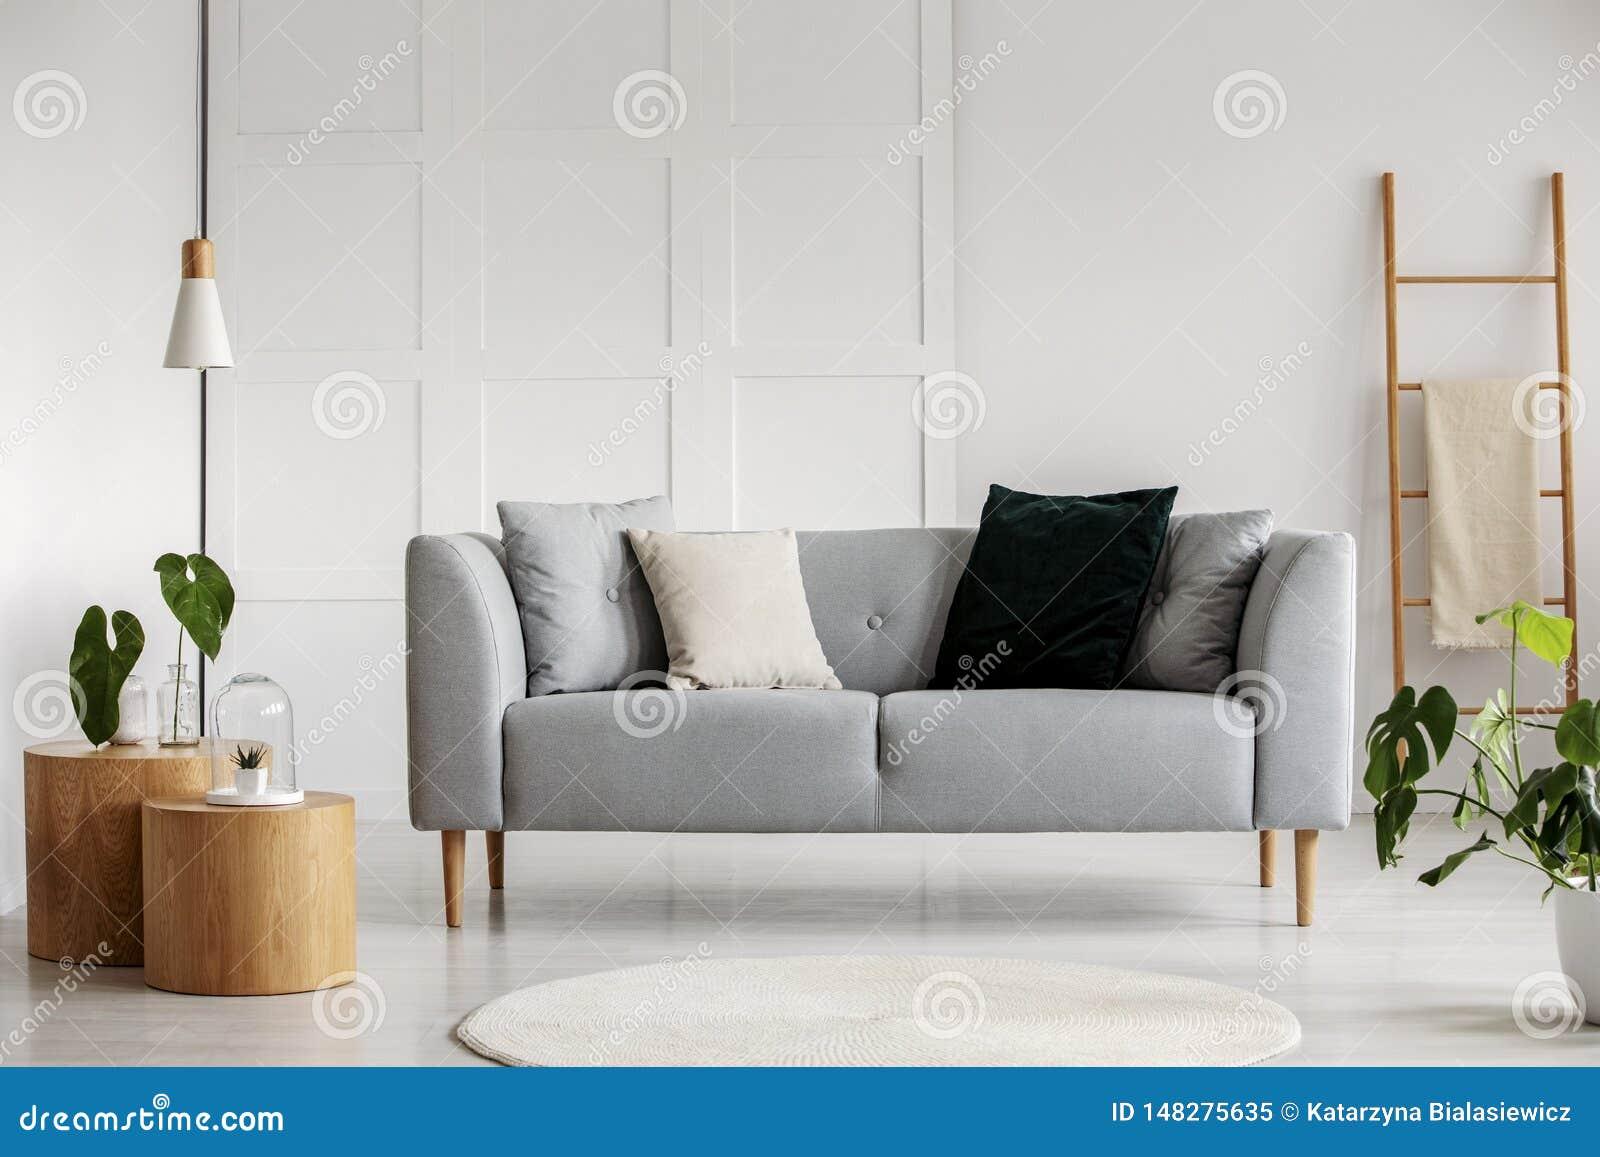 Φωτογραφία του σύγχρονου καθιστικού με τον γκρίζο καναπέ